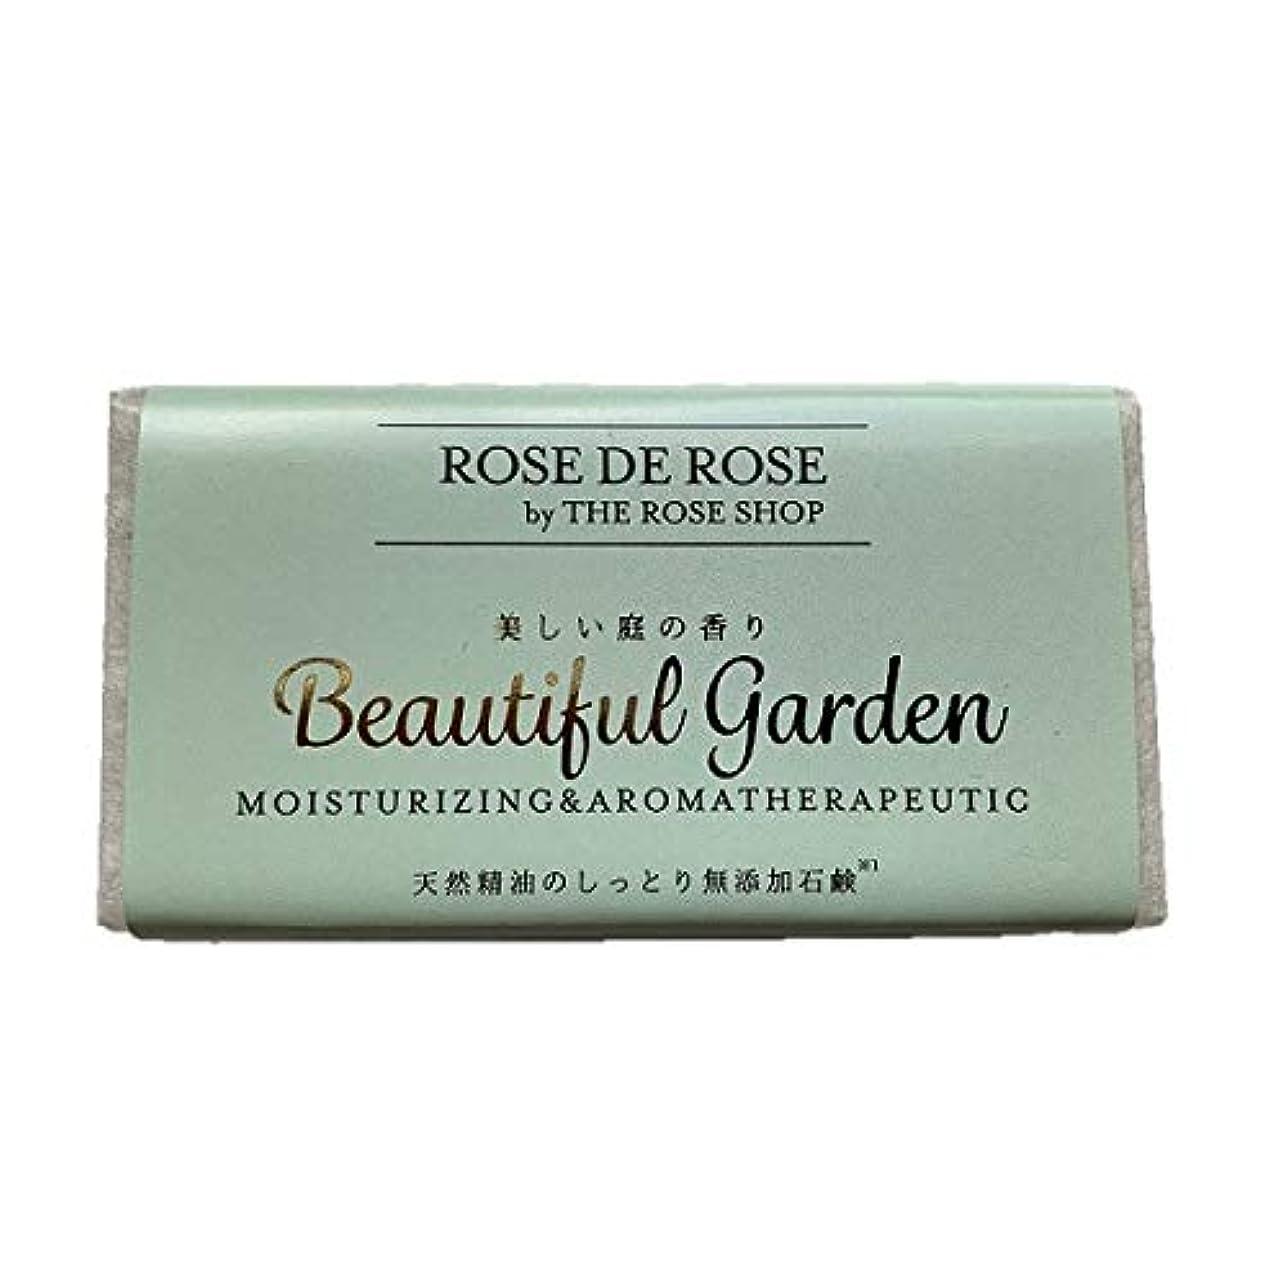 天然精油の無添加石鹸 「美しい庭の香り ビューティフルガーデン」2個セット